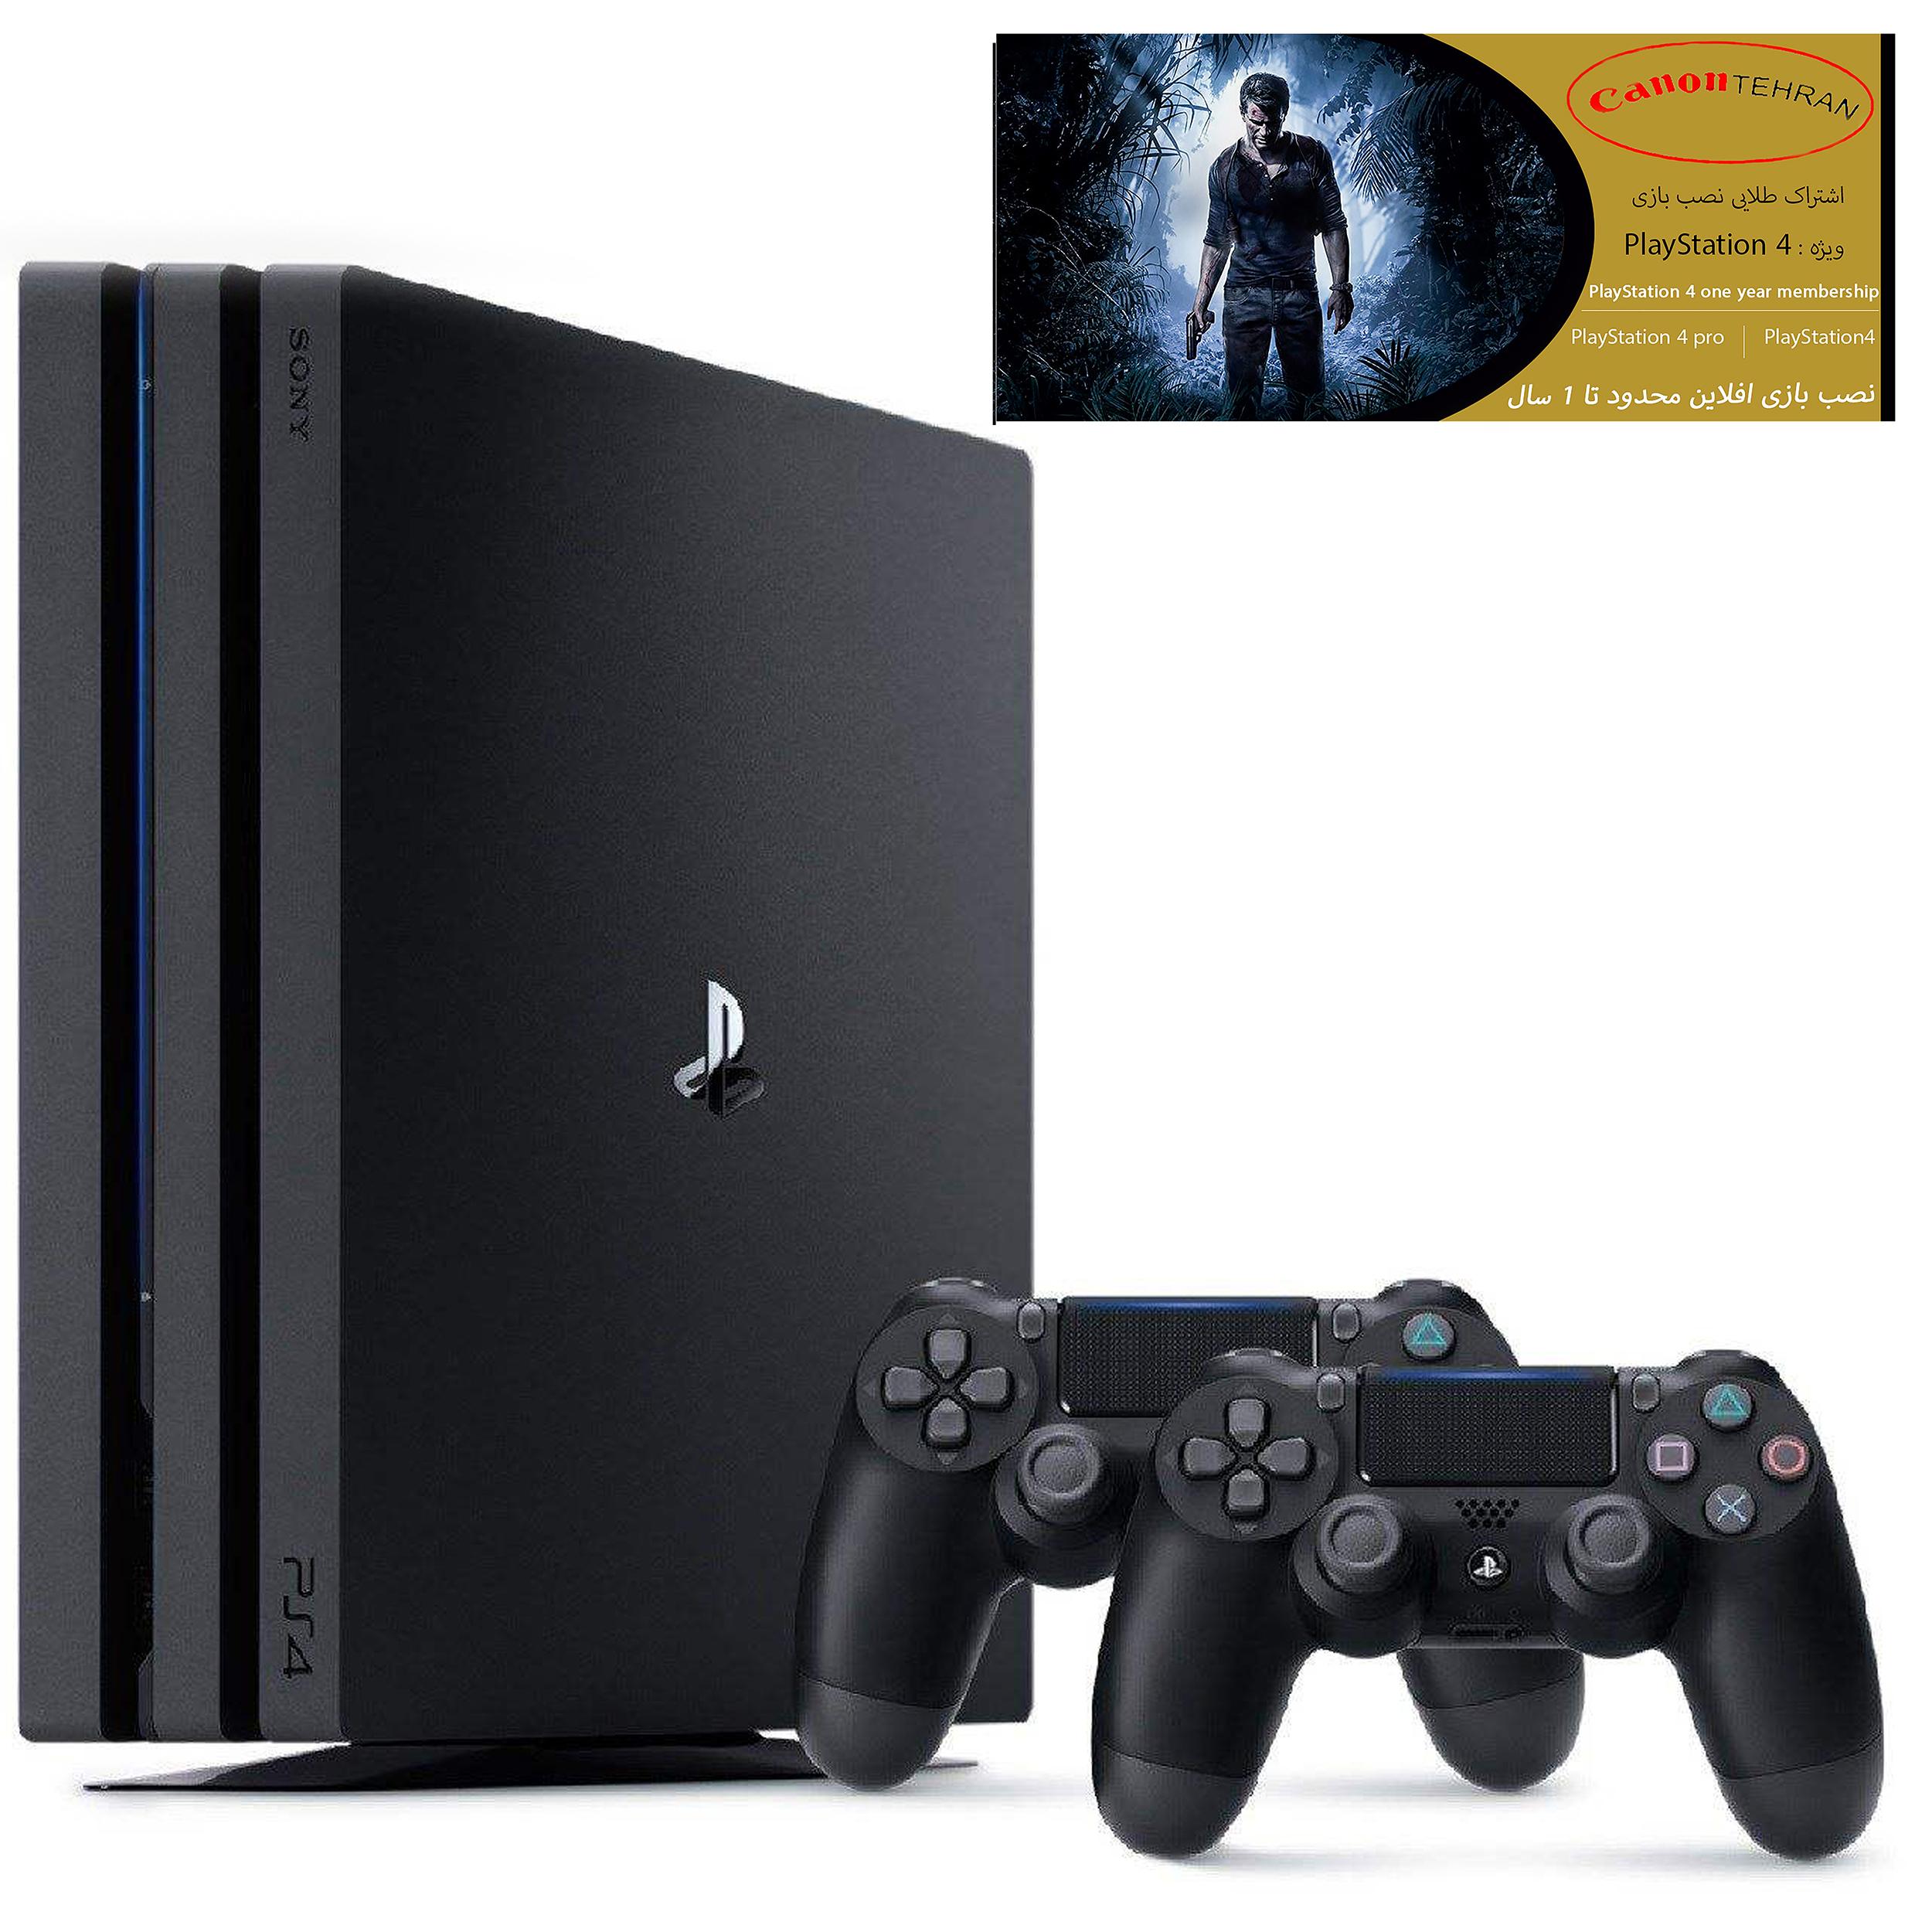 کنسول بازی سونی مدل Playstation 4 Pro ریجن 2 کد CUH-7216B ظرفیت 1 ترابایت به همراه 20 عدد بازی و دسته اضافی